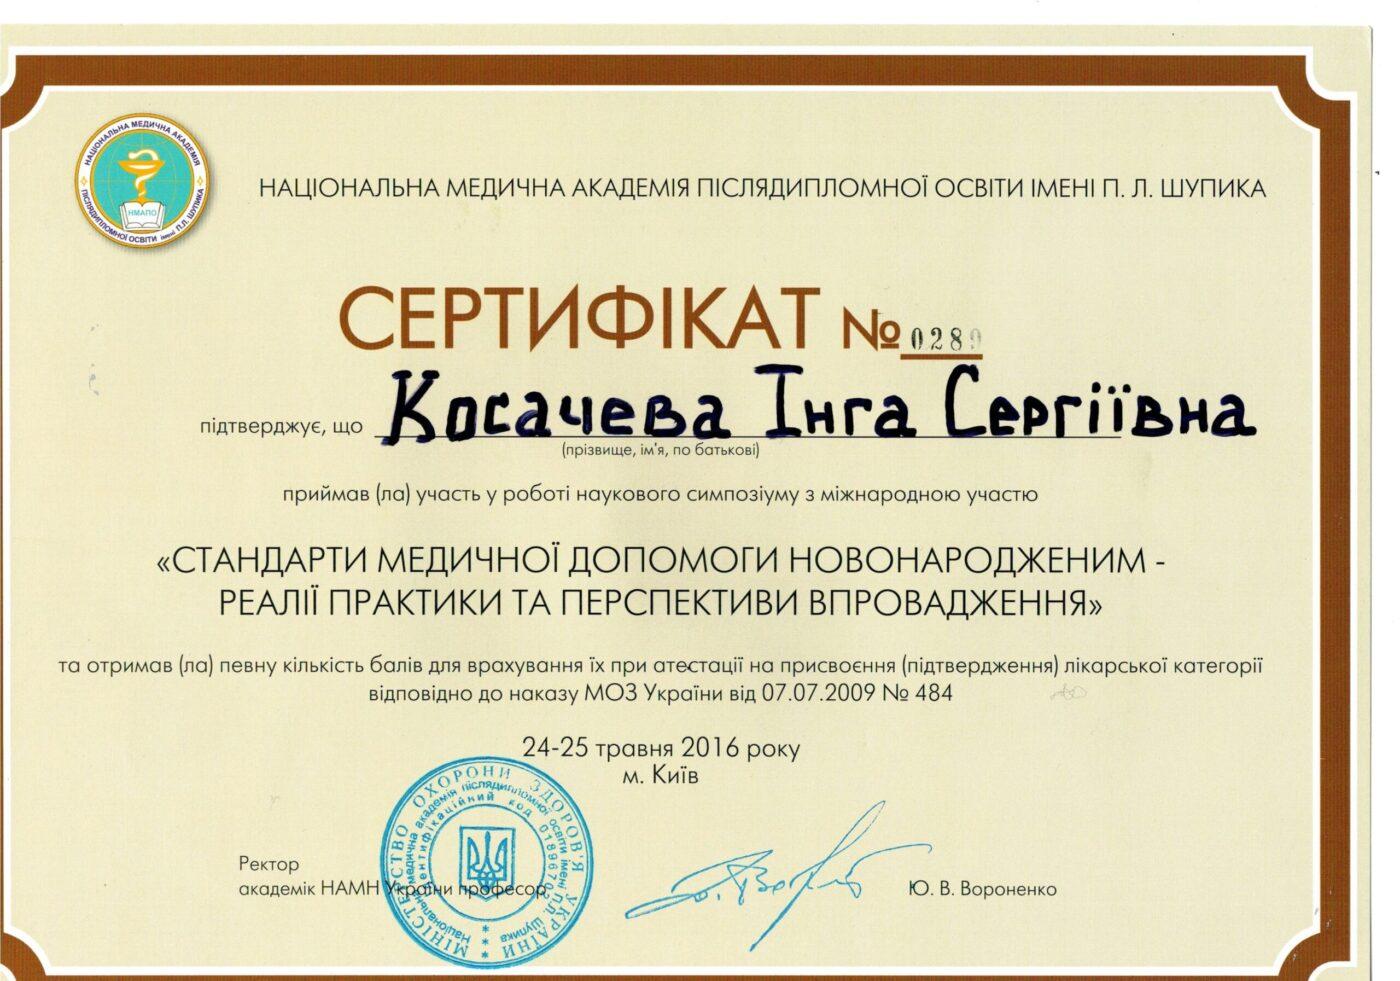 Сертификат подтверждающий участие Косачевой Инги в симпозиуме - Стандарты медицинской помощи новорождённым